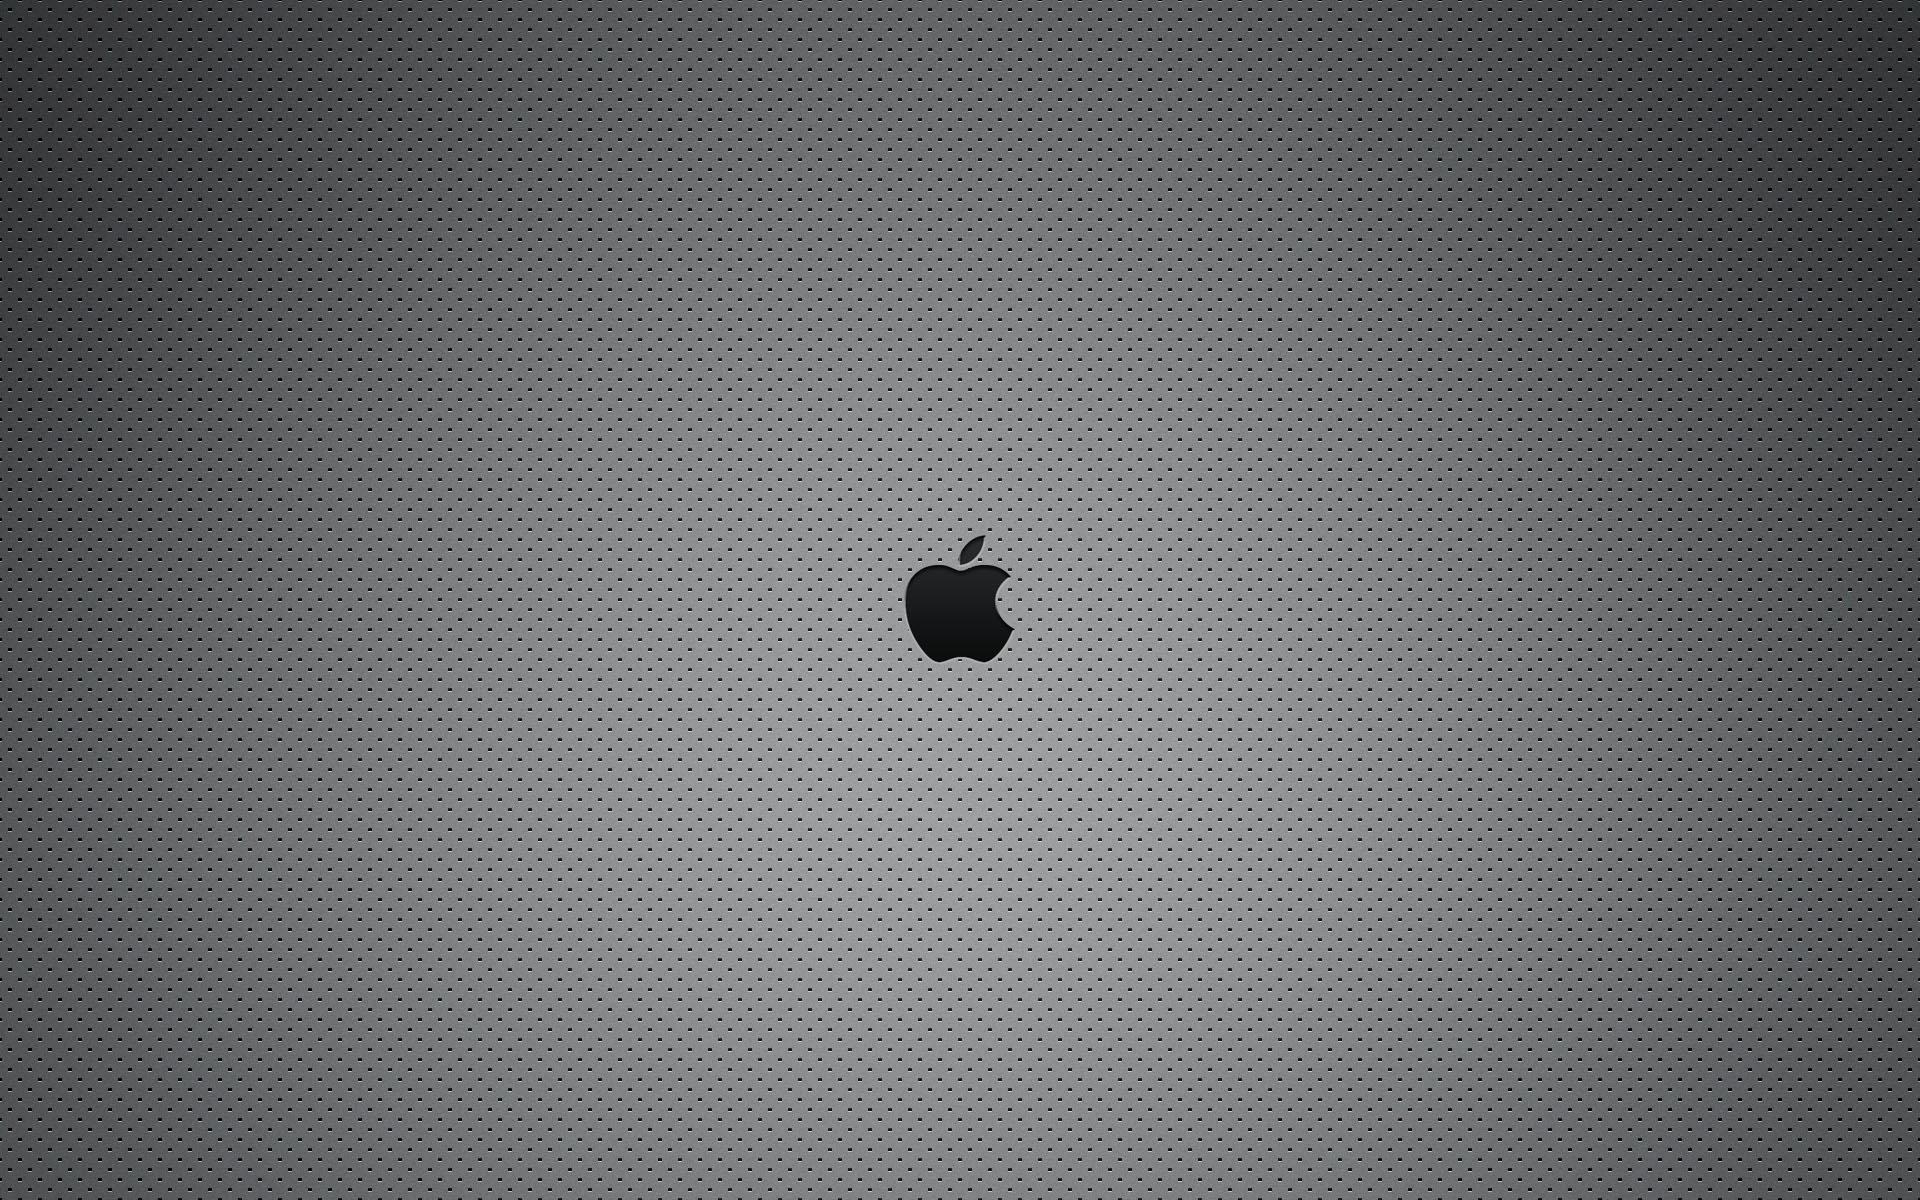 蘋果7p壁紙高清圖片 7p個性蘋果手機壁紙